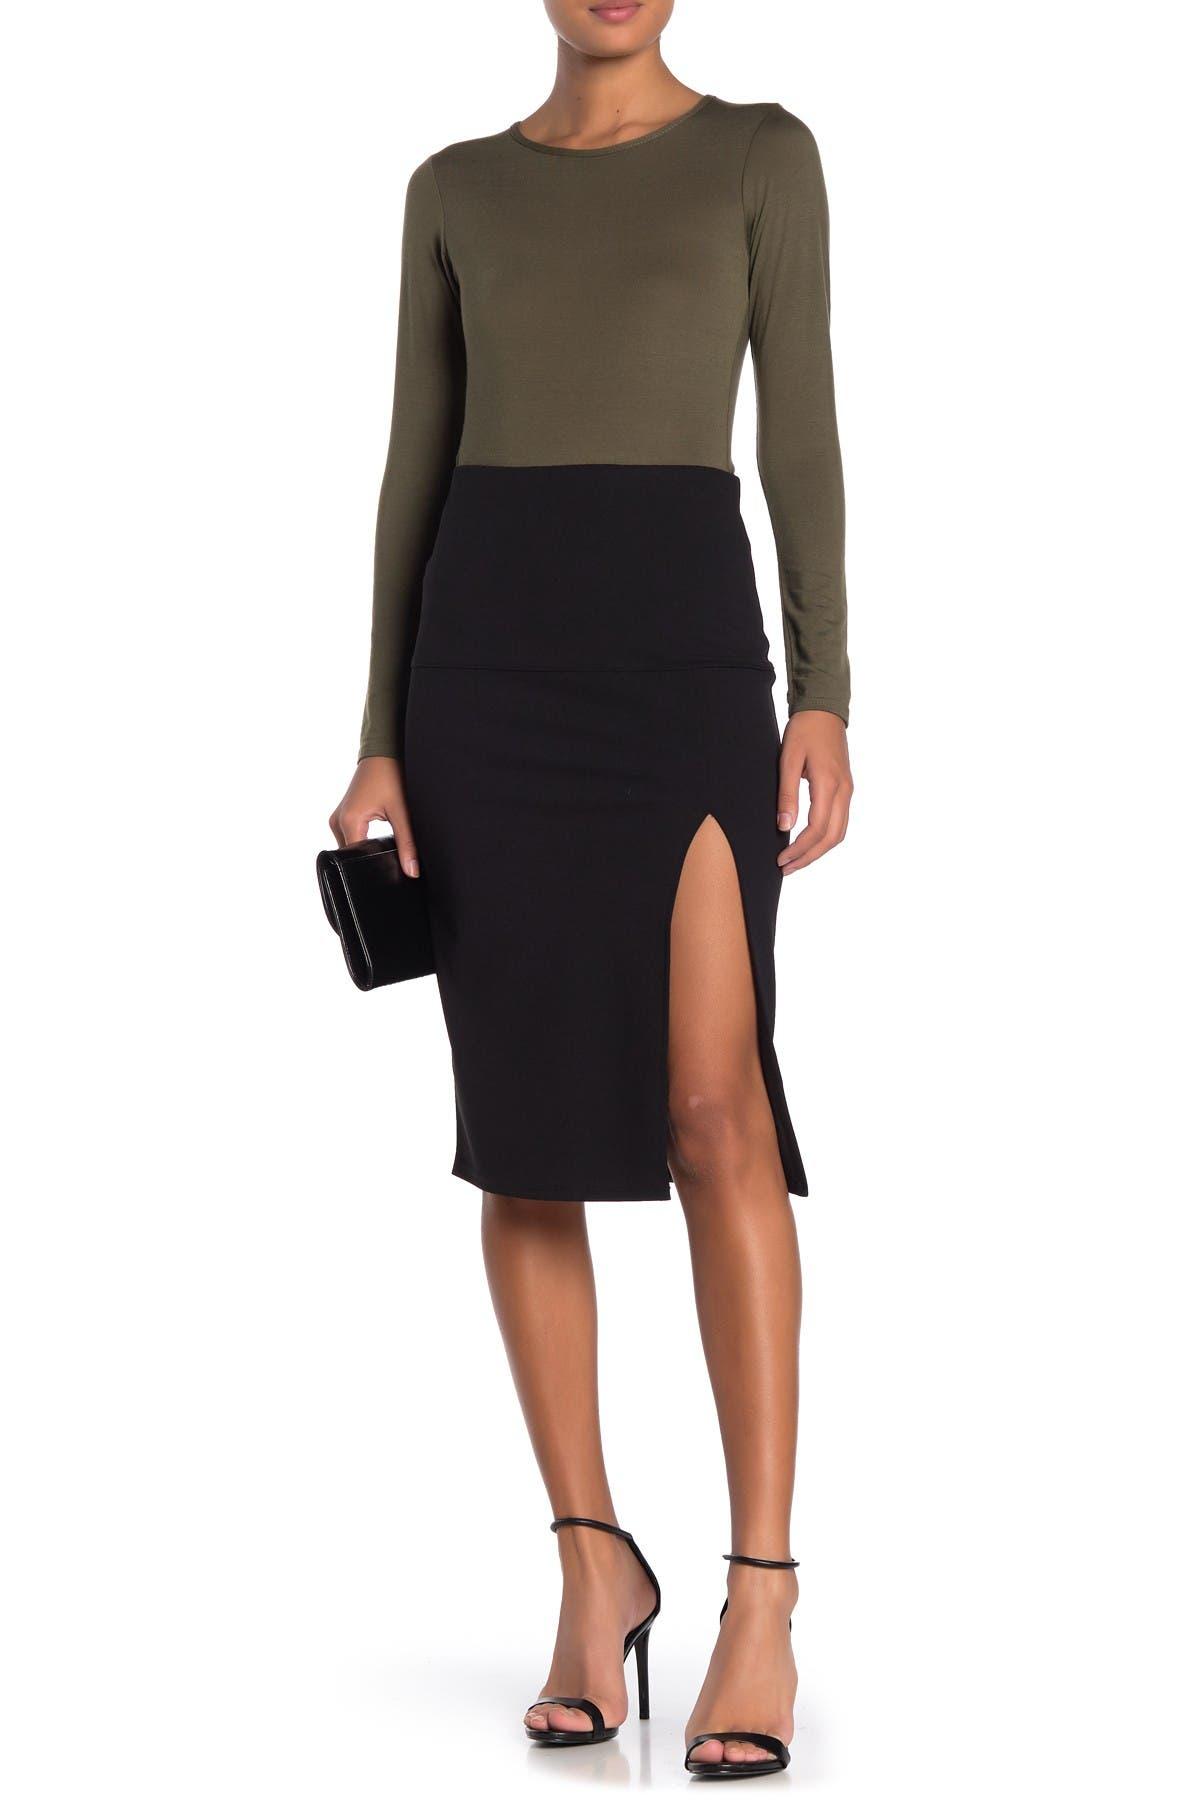 Image of Socialite Side Slit Pull-On Skirt